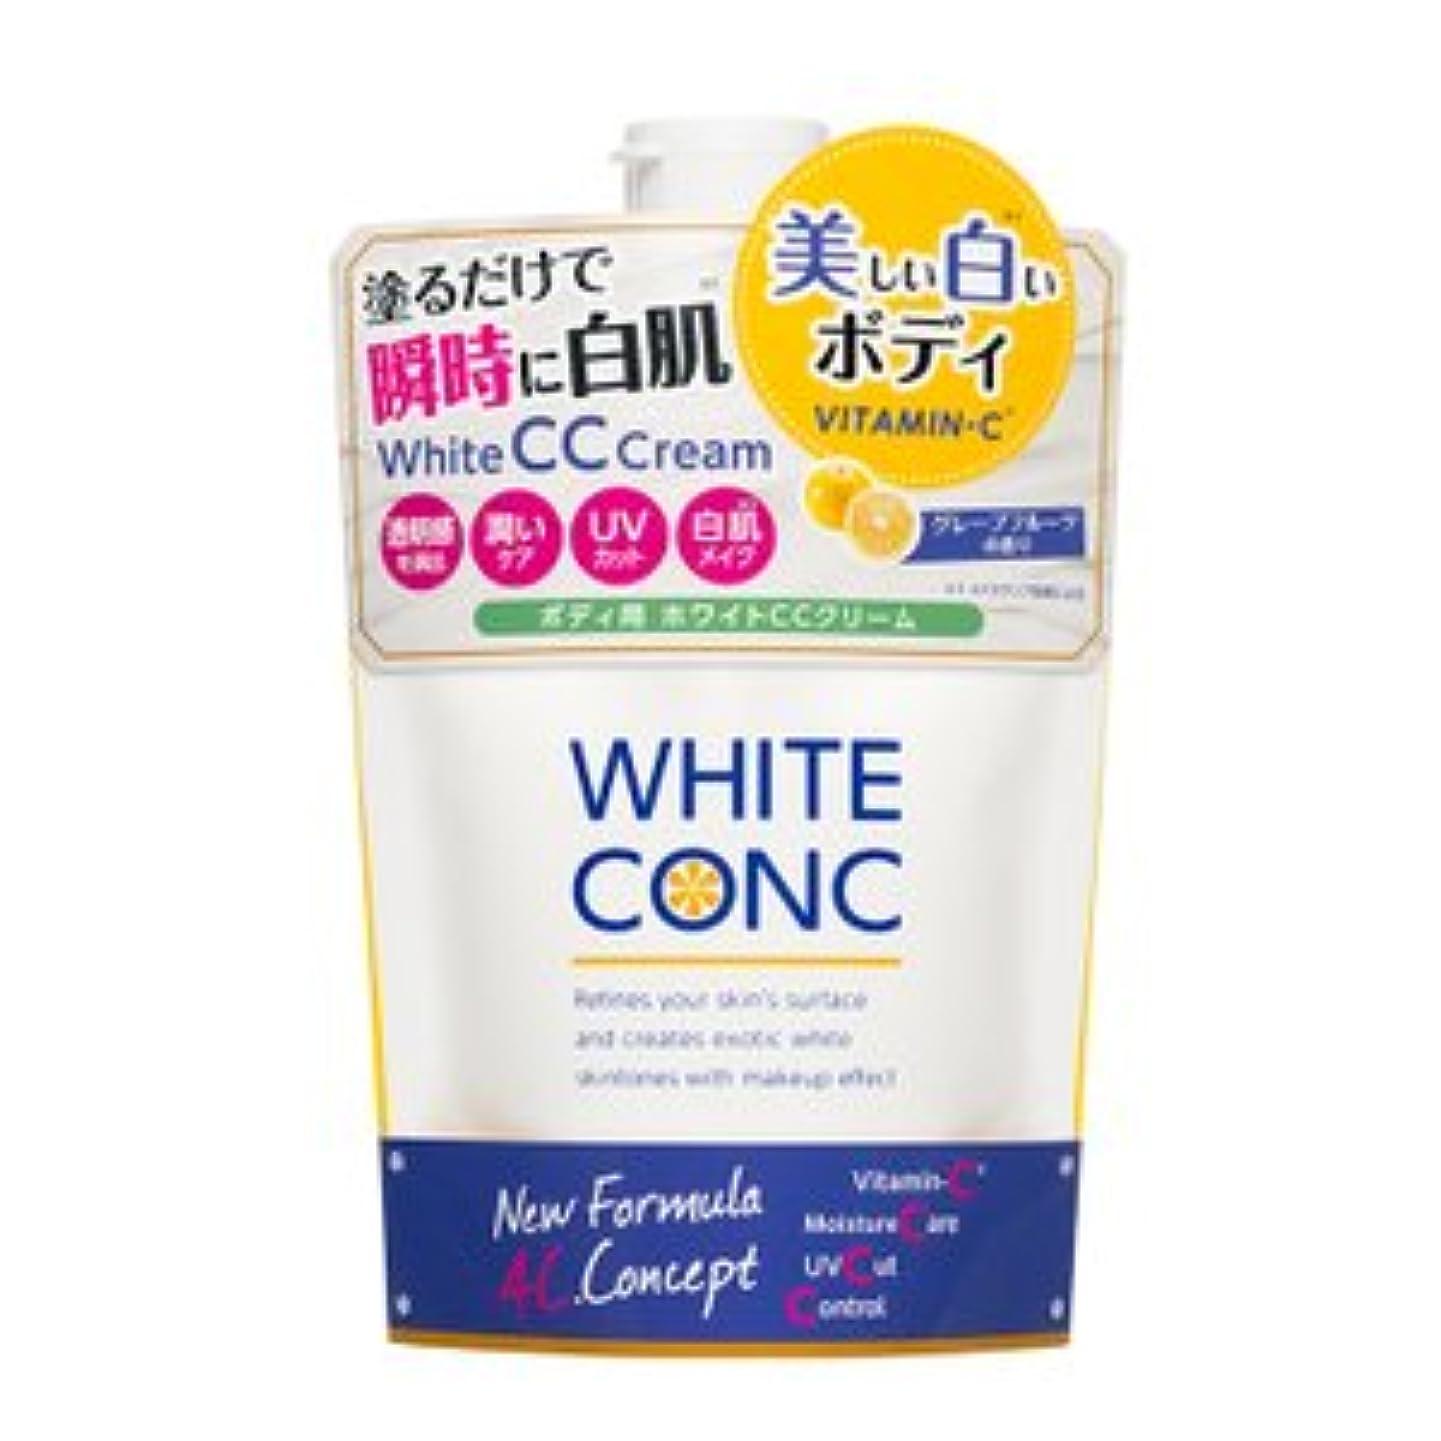 トピック充電川薬用ホワイトコンクホワイトCCクリーム 200g